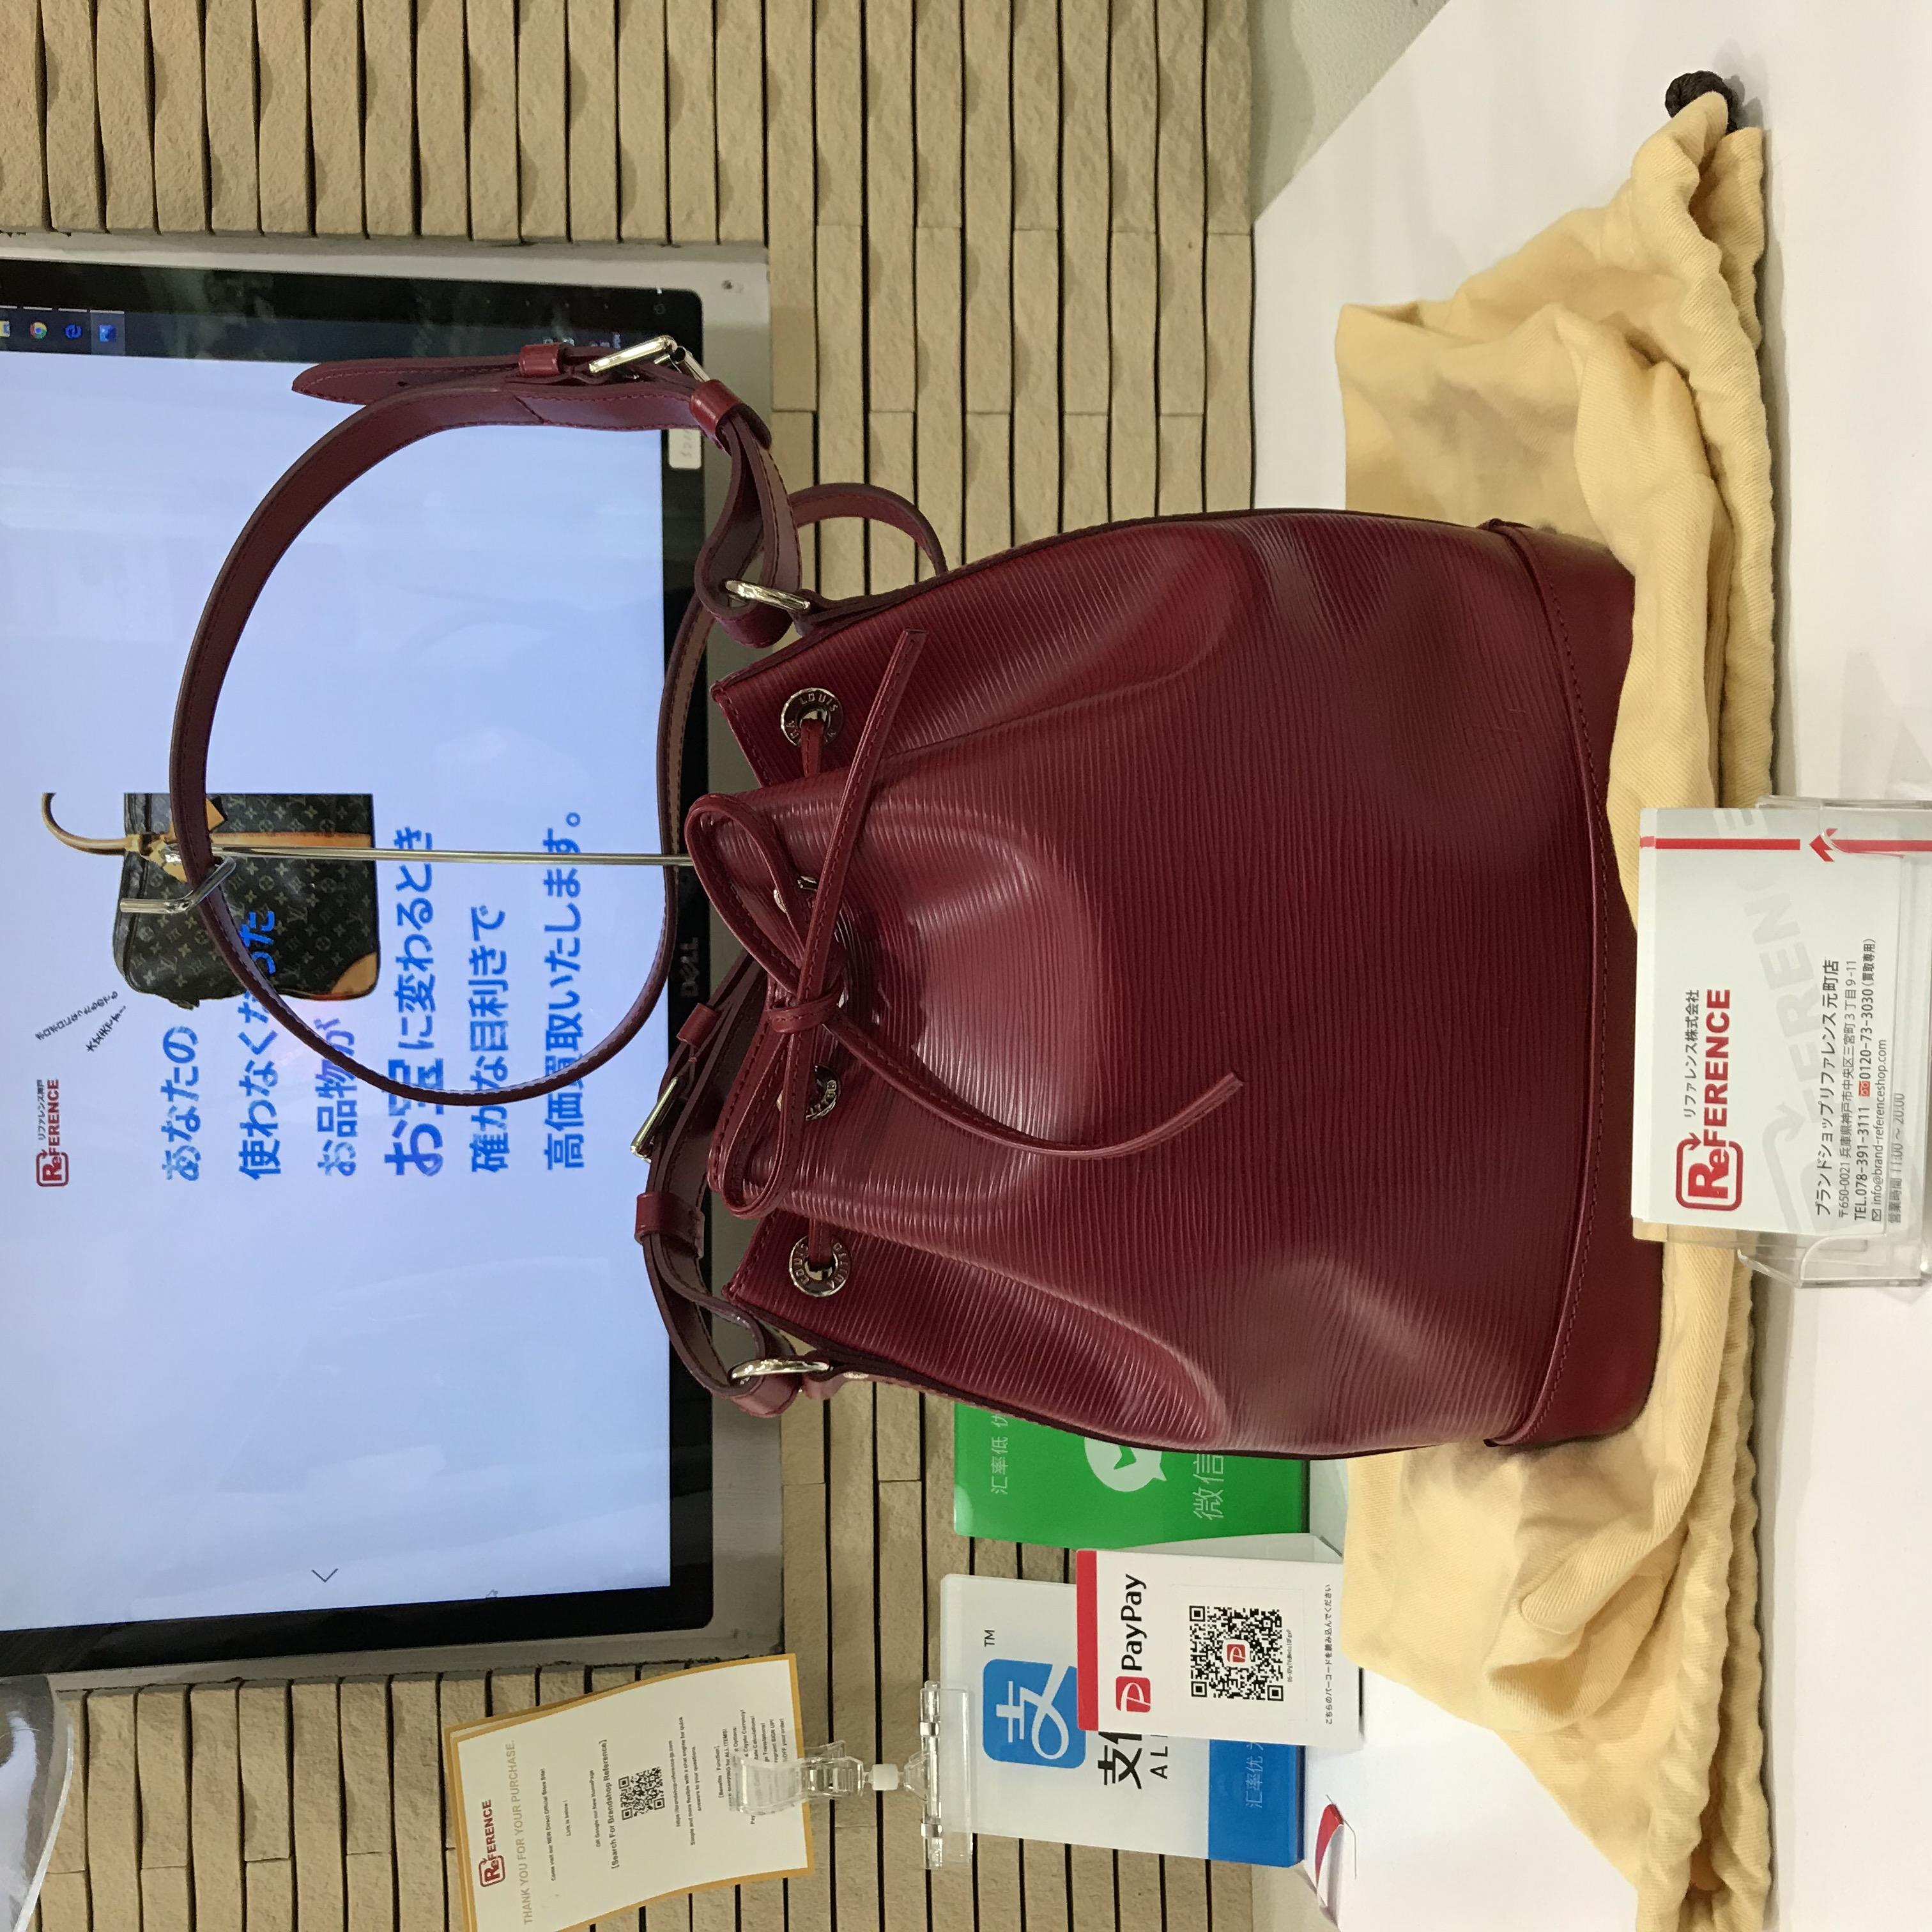 本日はLouis Vuitton(ルイヴィトン)のバッグ(型番:M40844)を高価買取☆